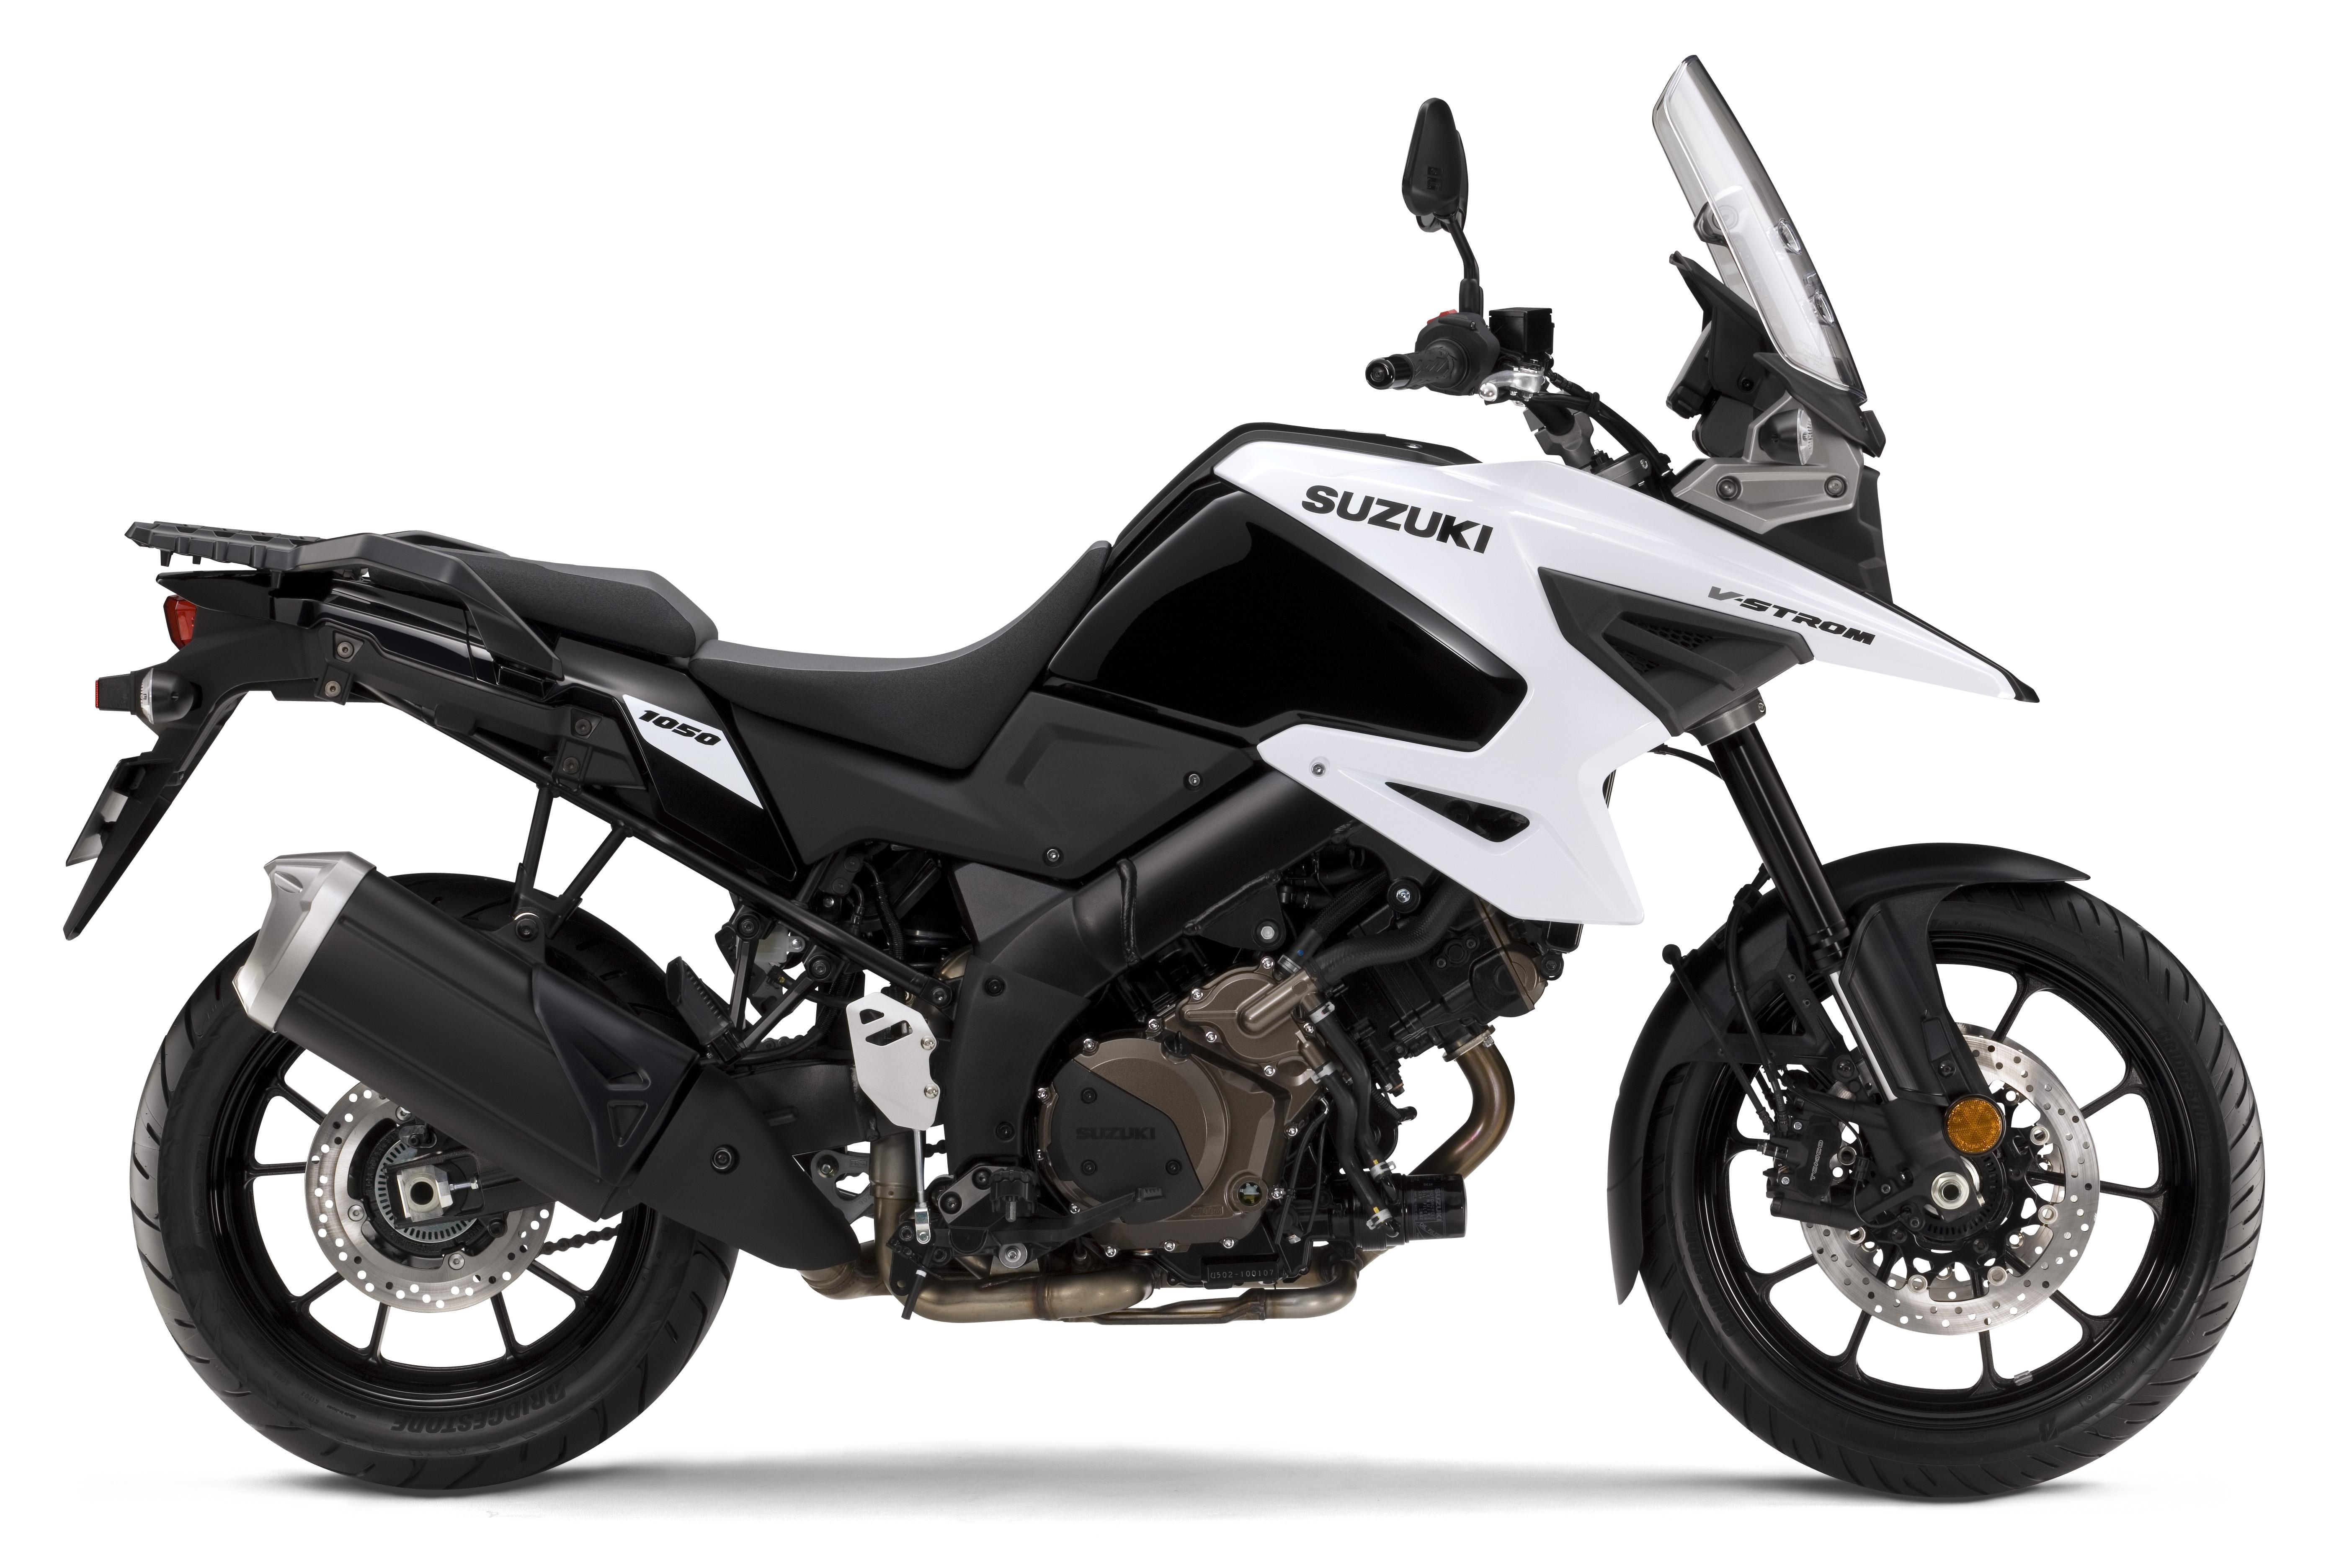 New WhiteSuzuki 2020 V-Strom 1050